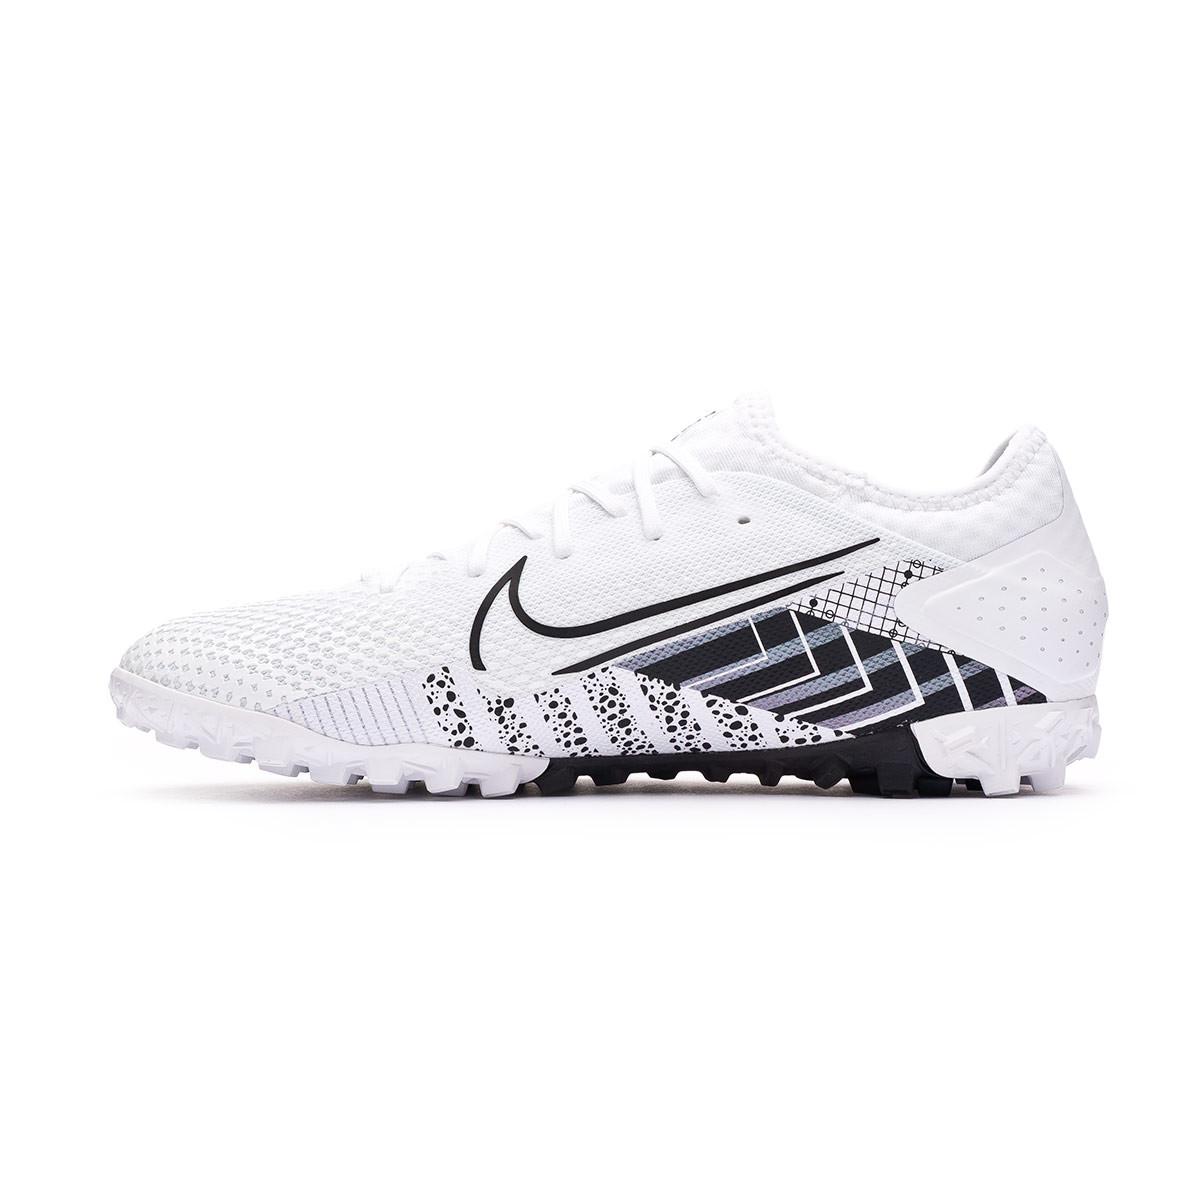 Inducir Mar construcción naval  Bota de fútbol Nike Mercurial Vapor XIII Pro MDS Turf White-Black - Tienda  de fútbol Fútbol Emotion